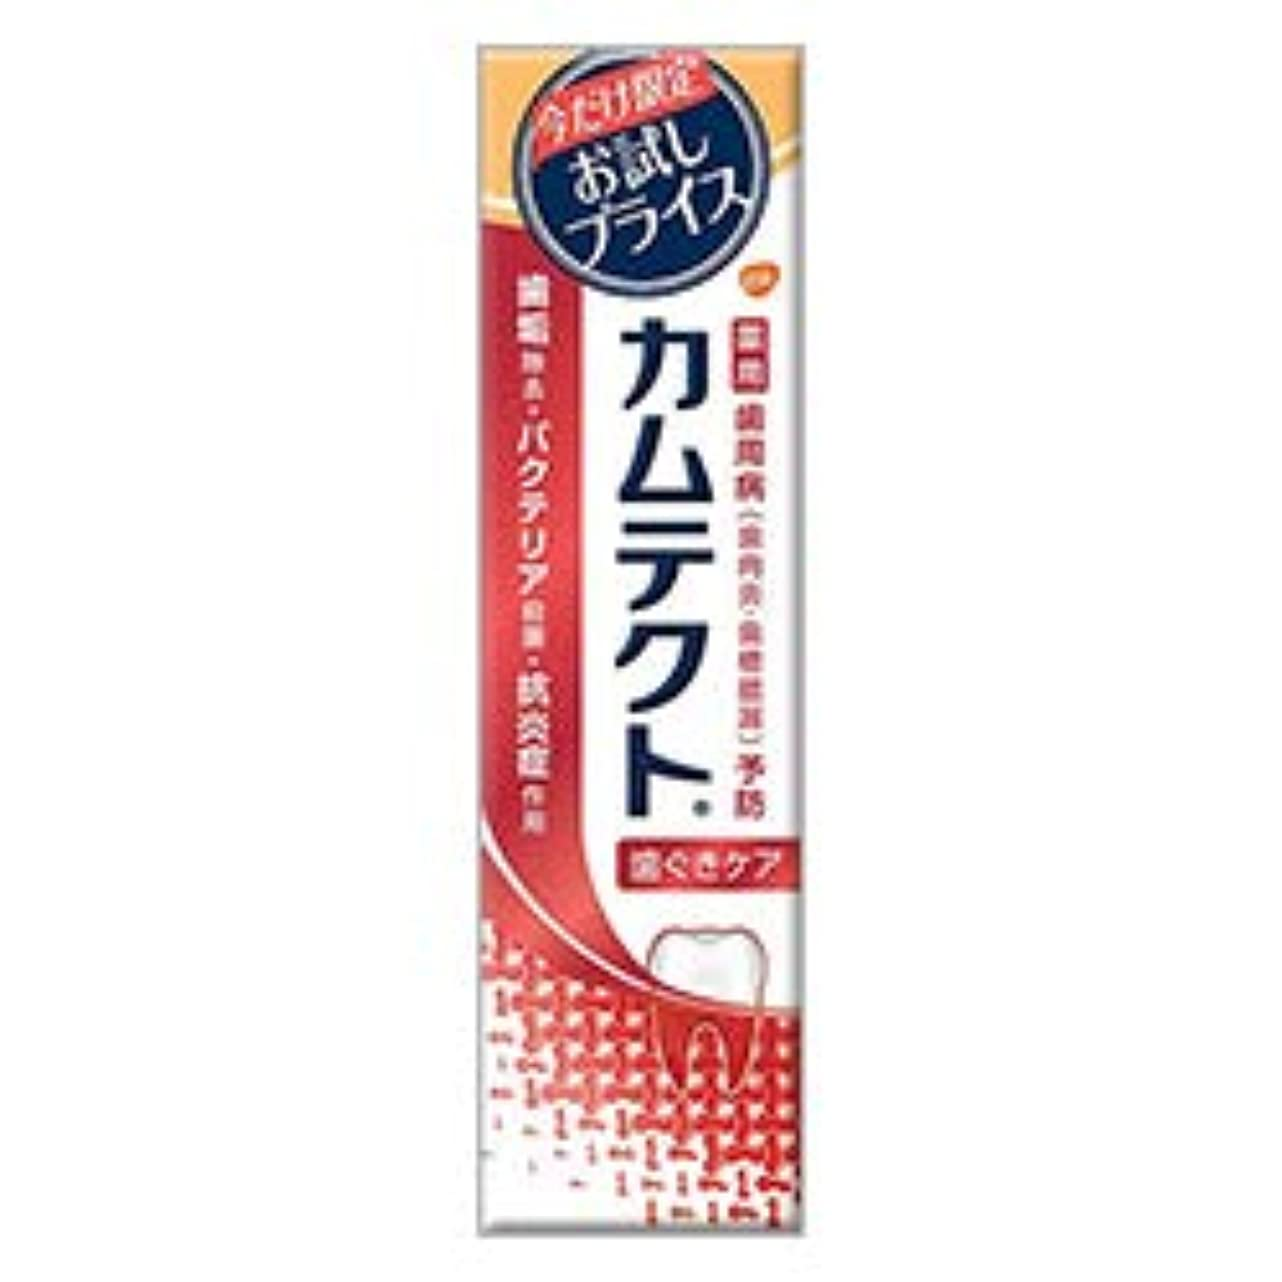 観客第三リス【アース製薬】カムテクト 歯ぐきケア 限定お試し版 105g [医薬部外品] ×3個セット